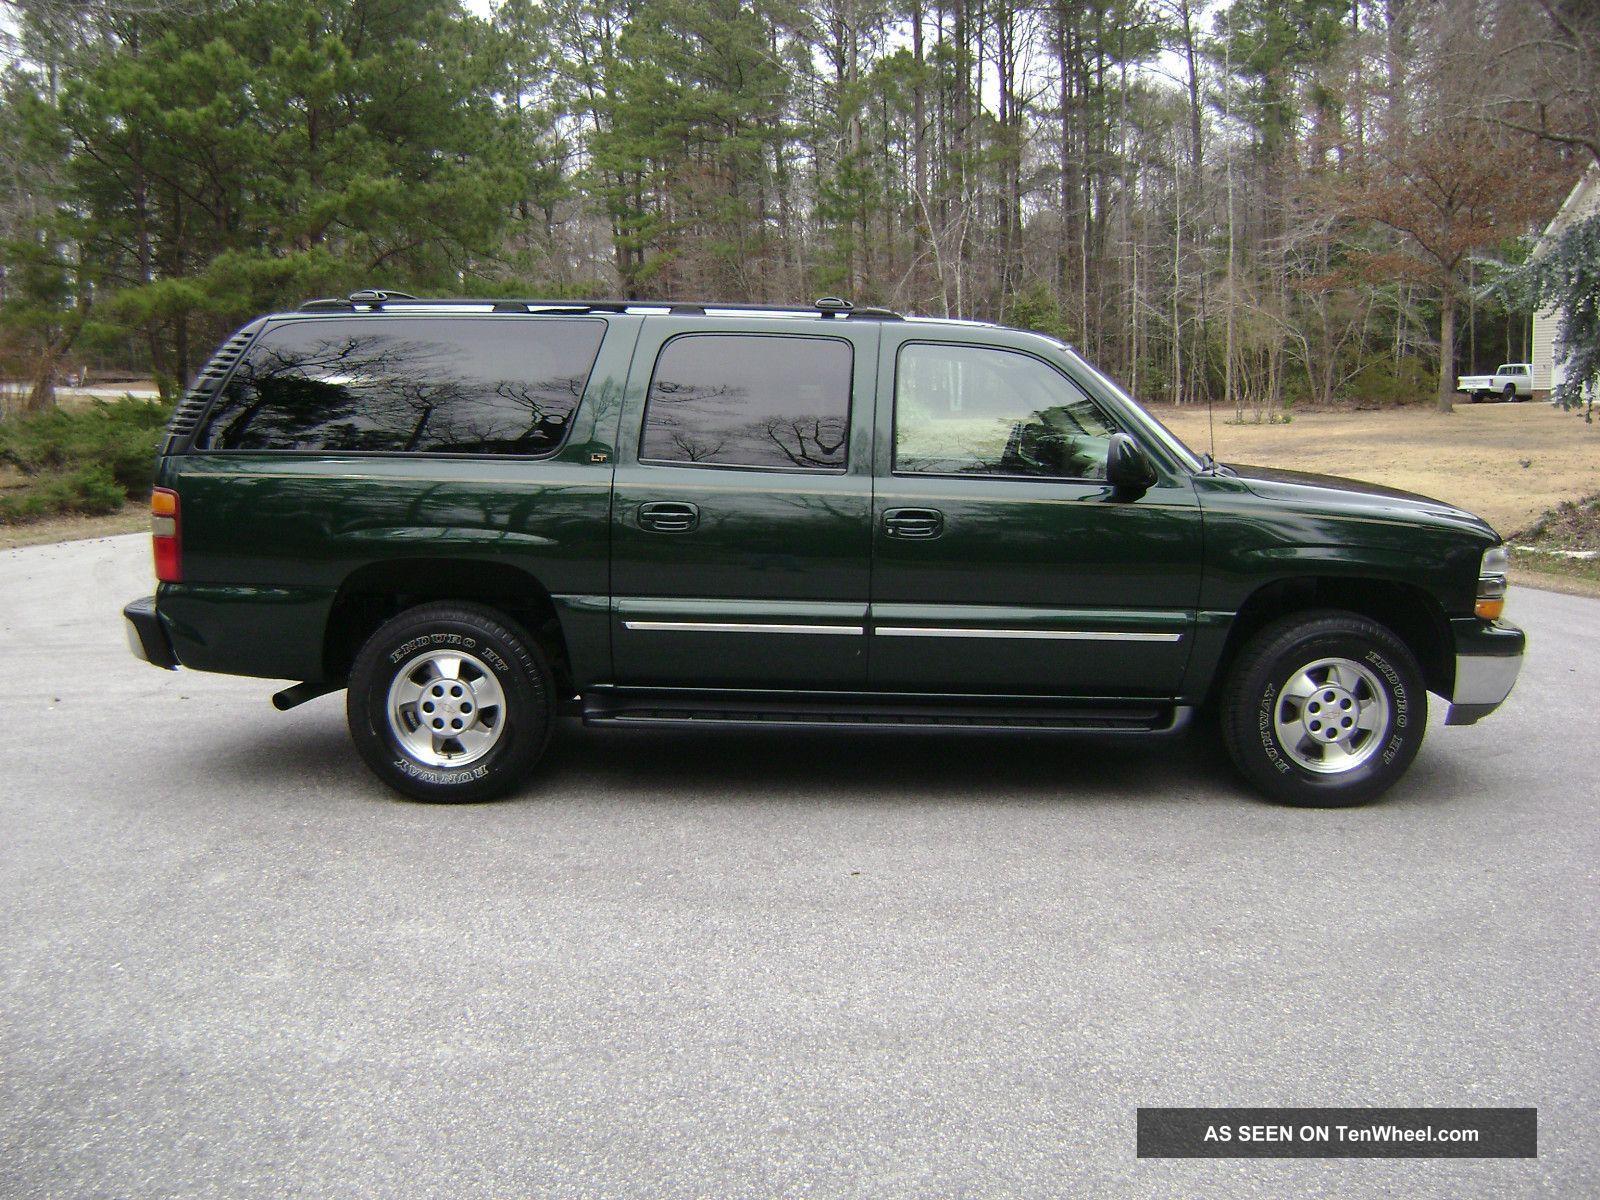 2001 Chevrolet Suburban 1500 Lt Sport Utility 4 - Door 5. 3l